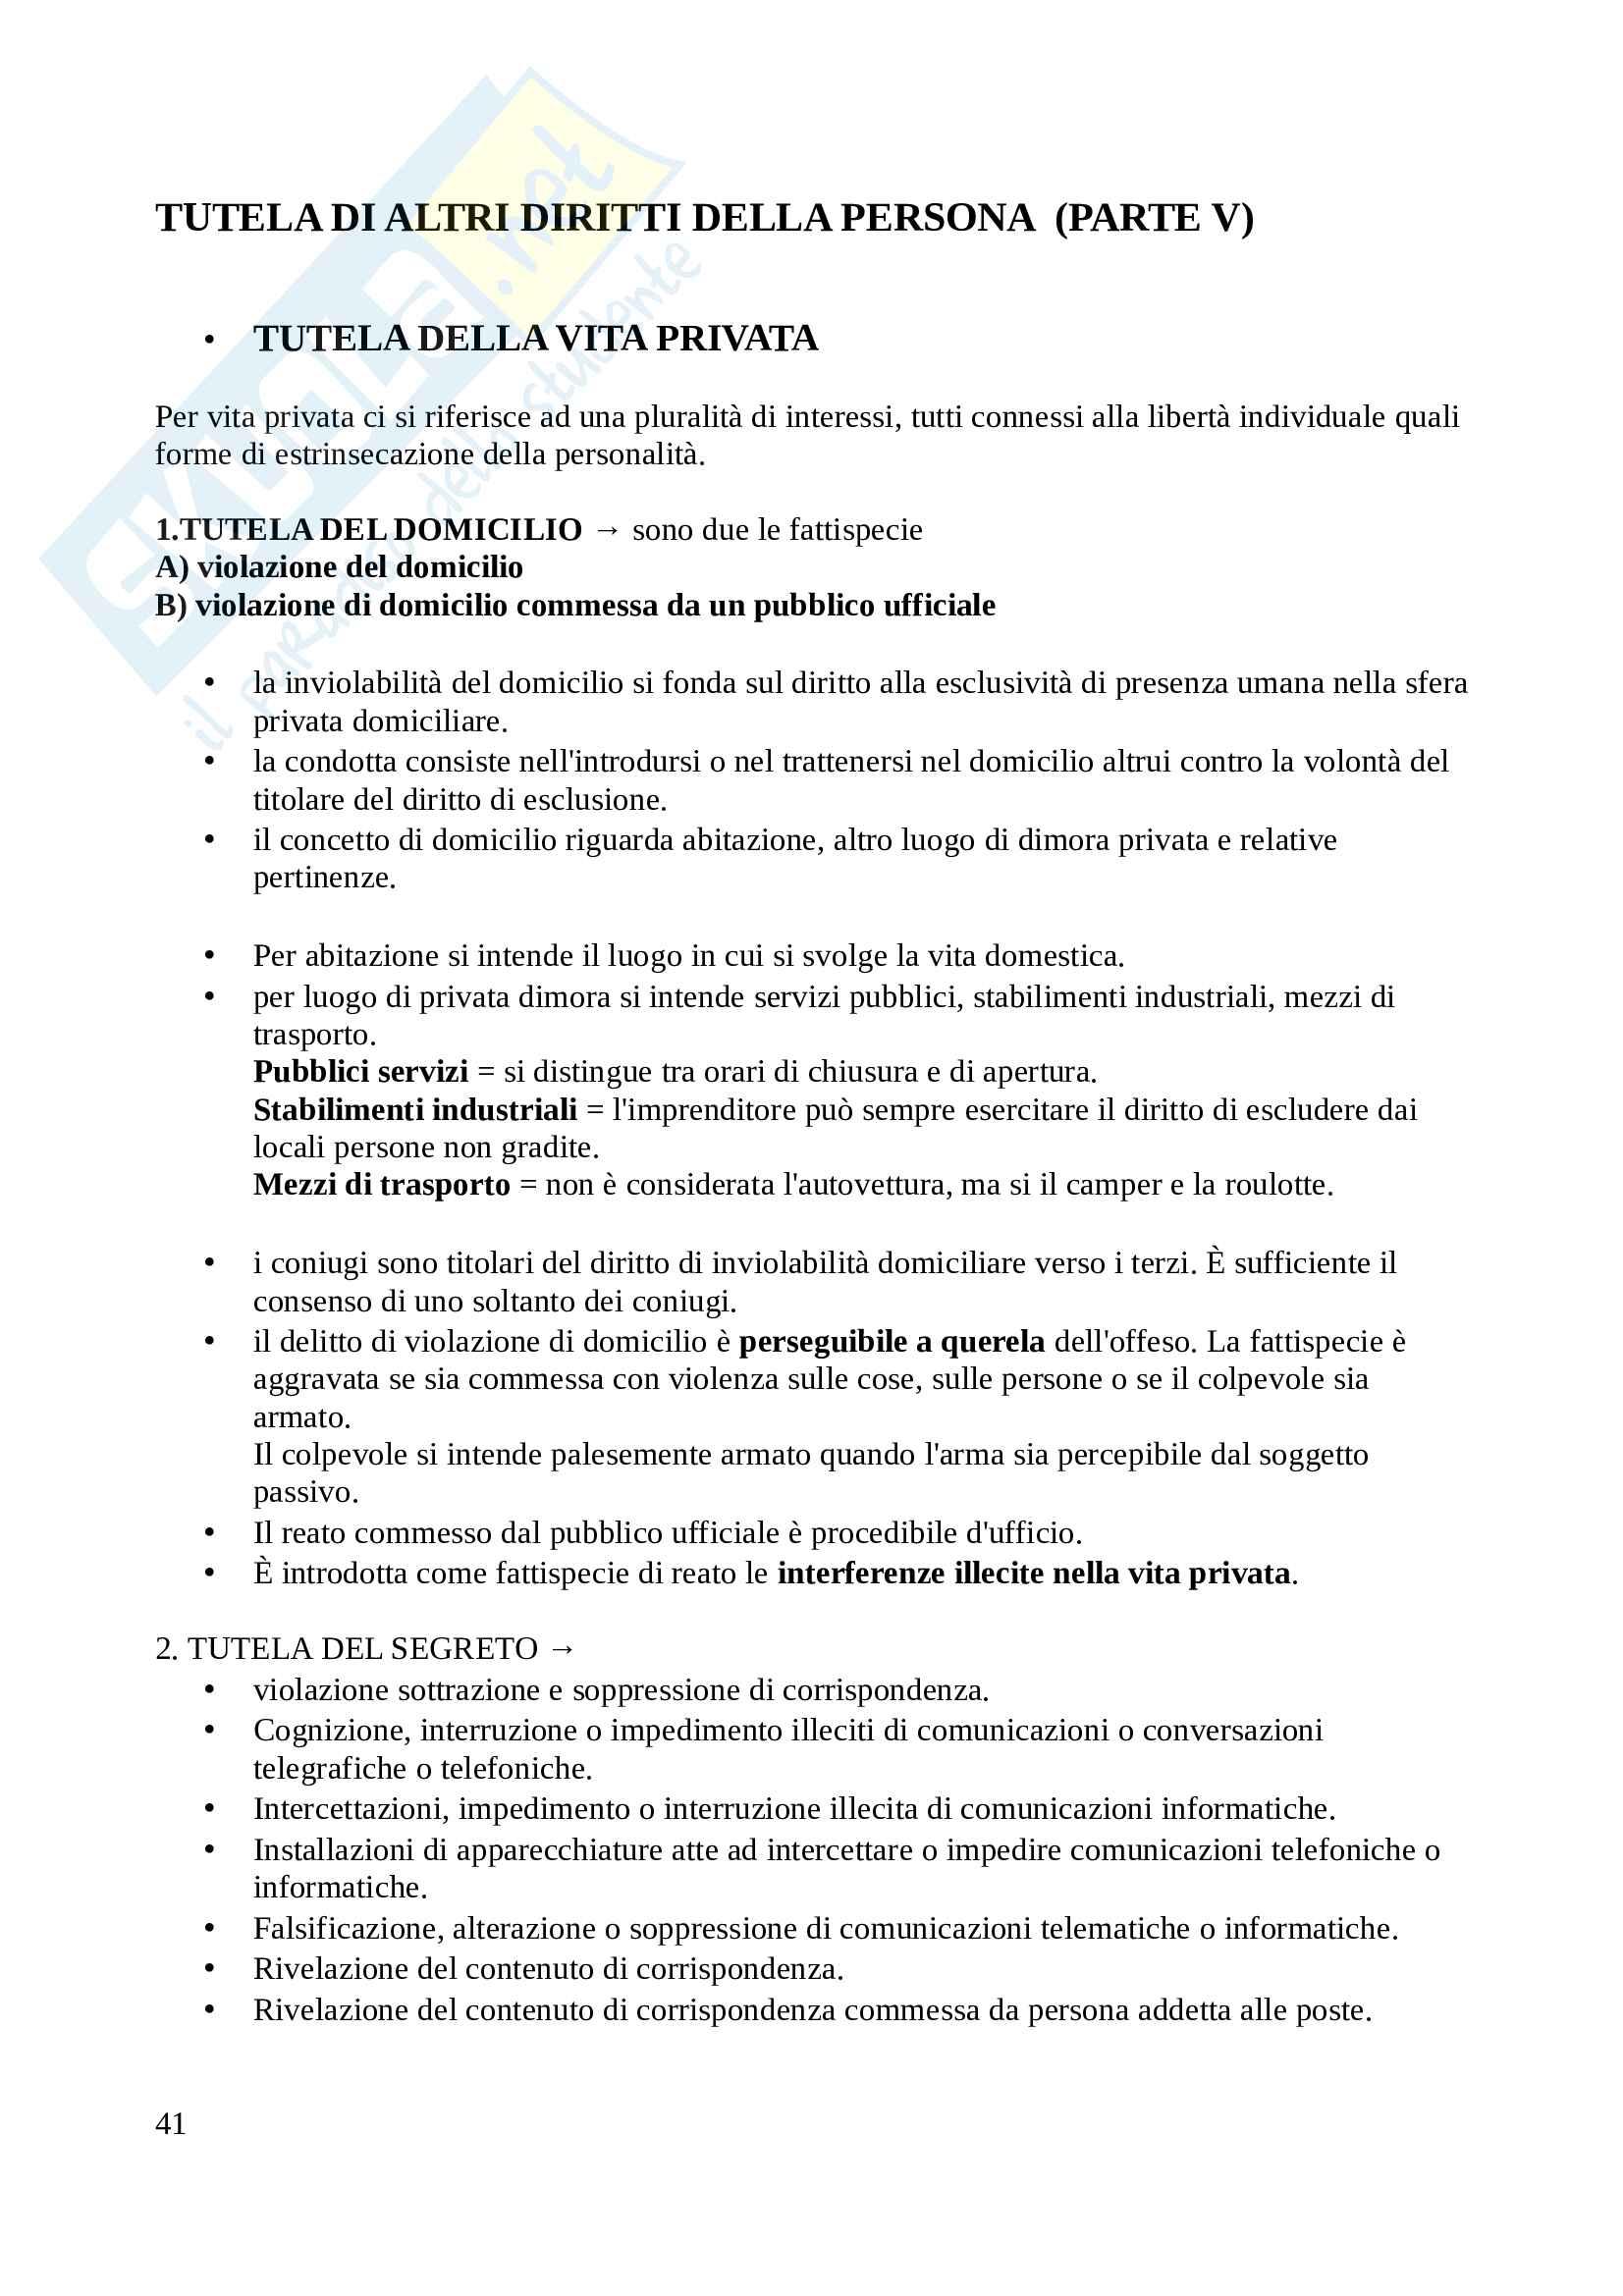 Diritto penale - Appunti lezioni Pag. 41